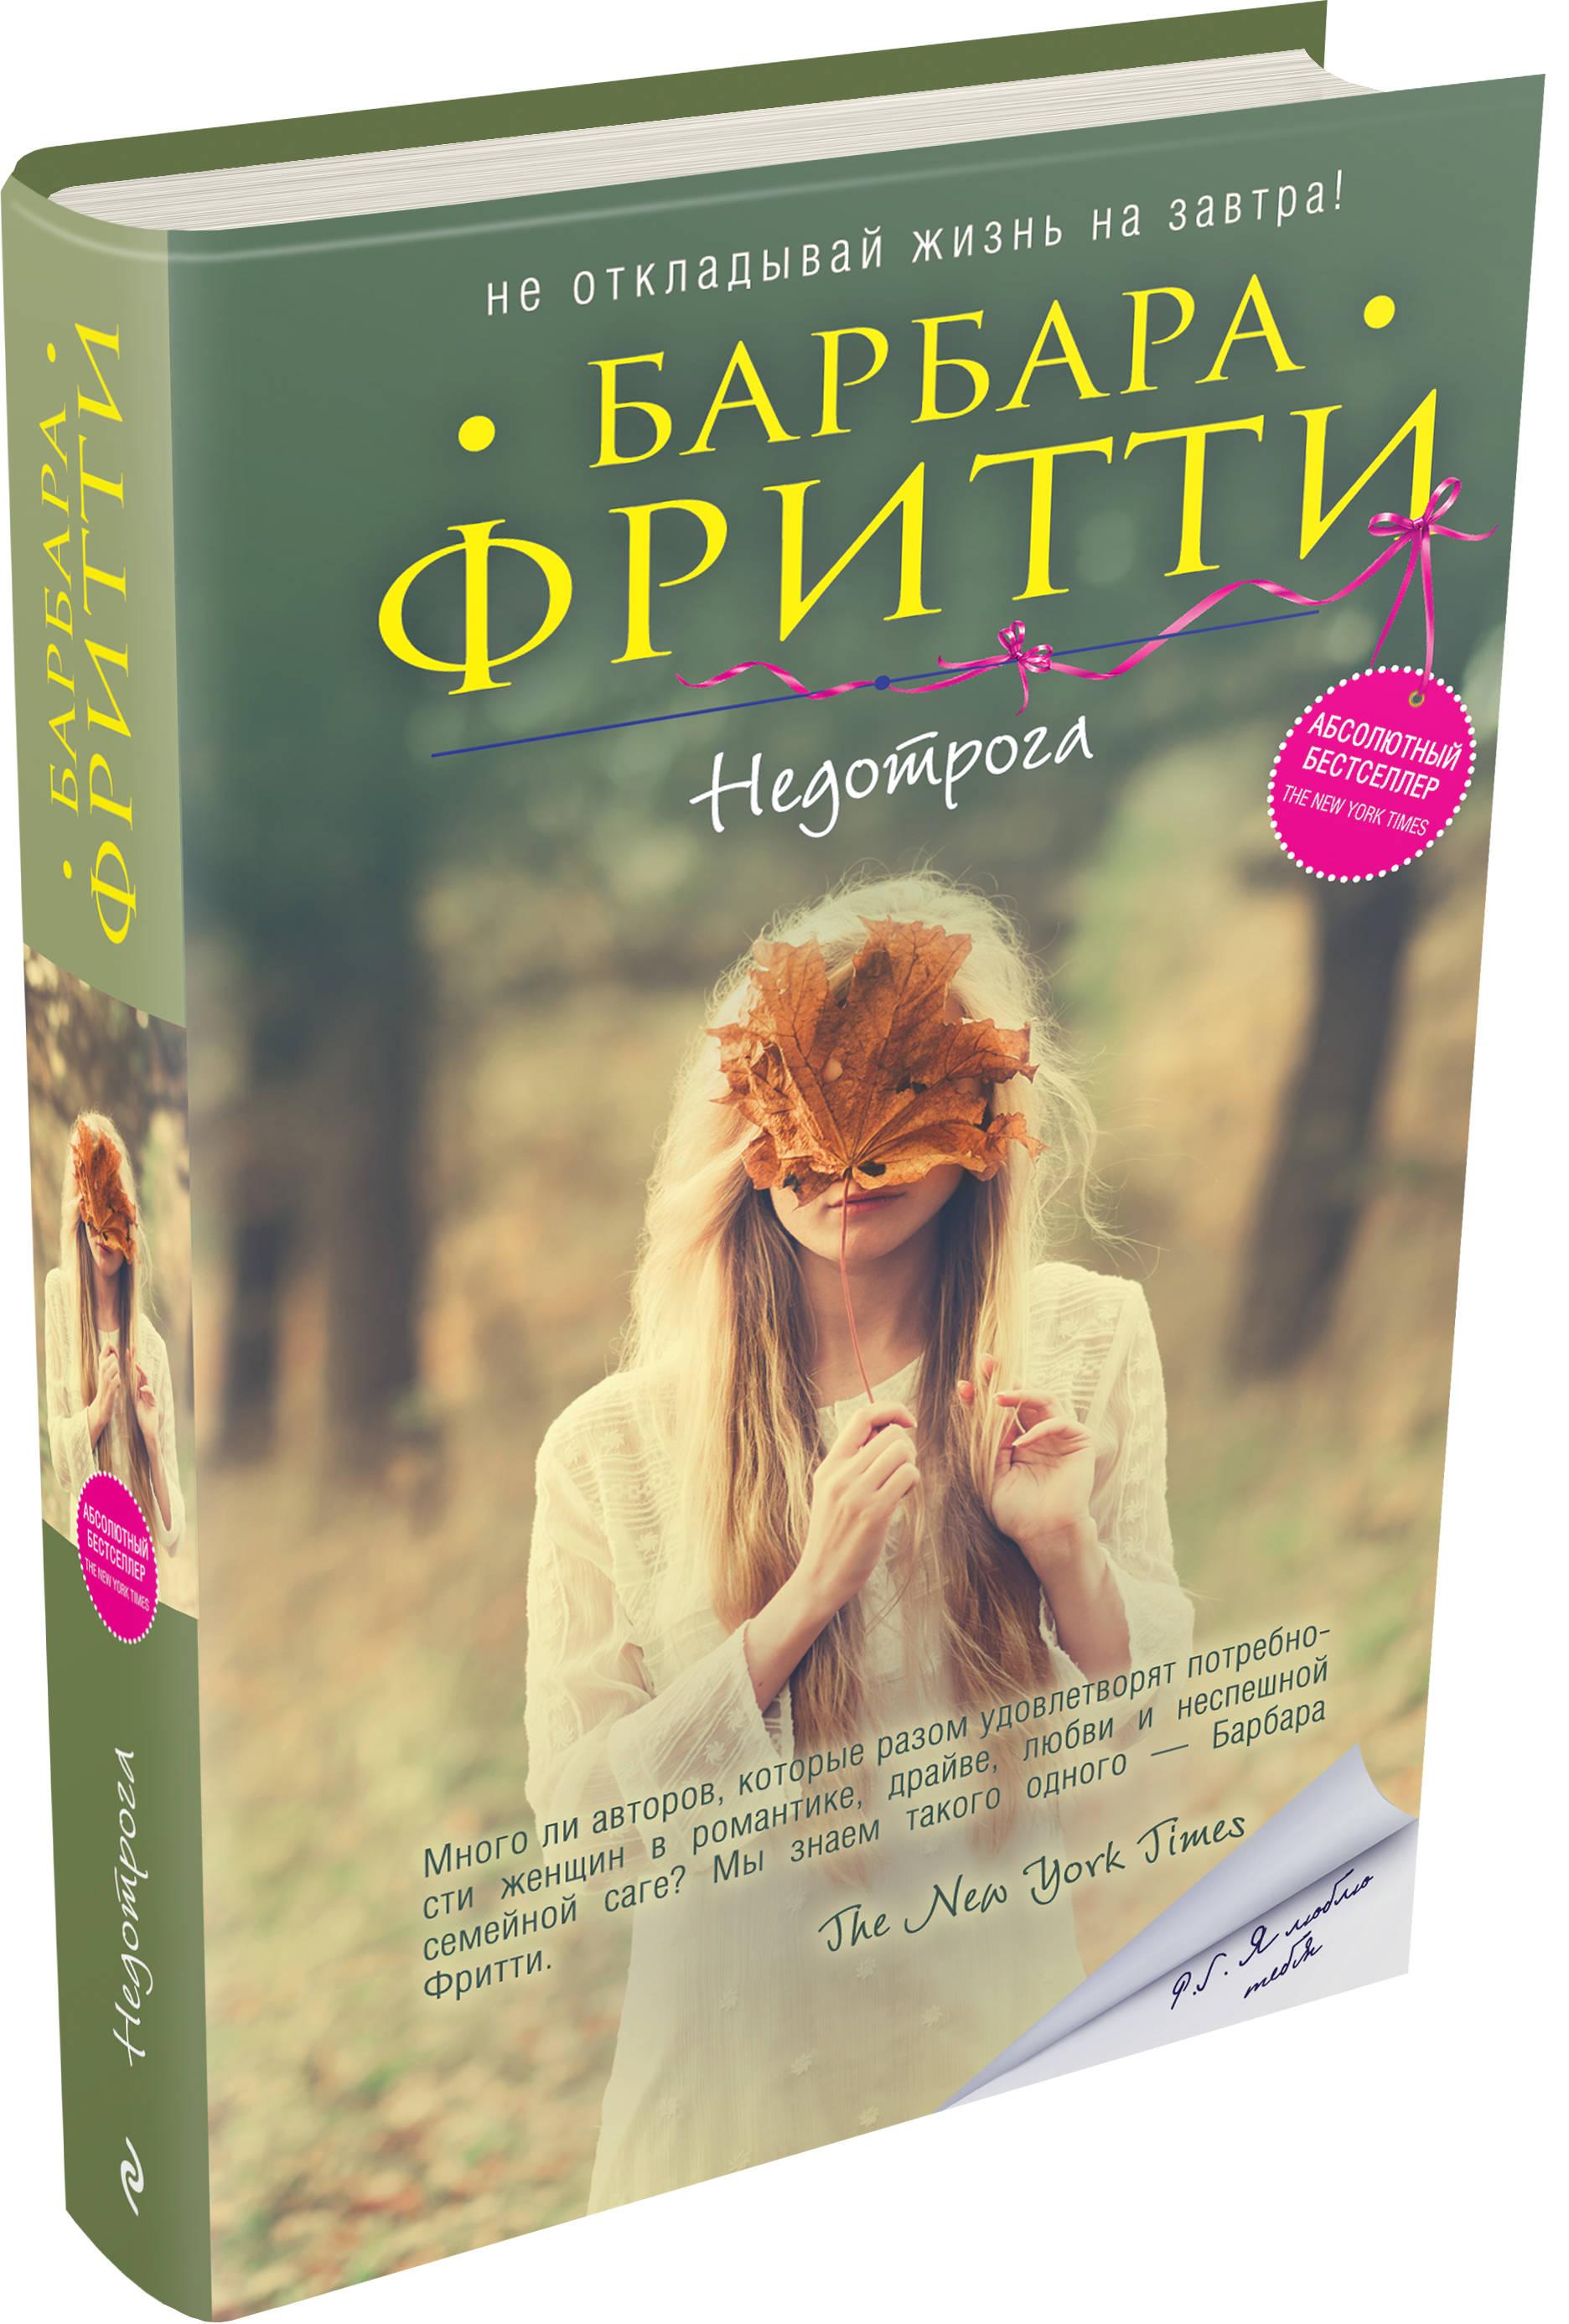 Фритти Б. Недотрога